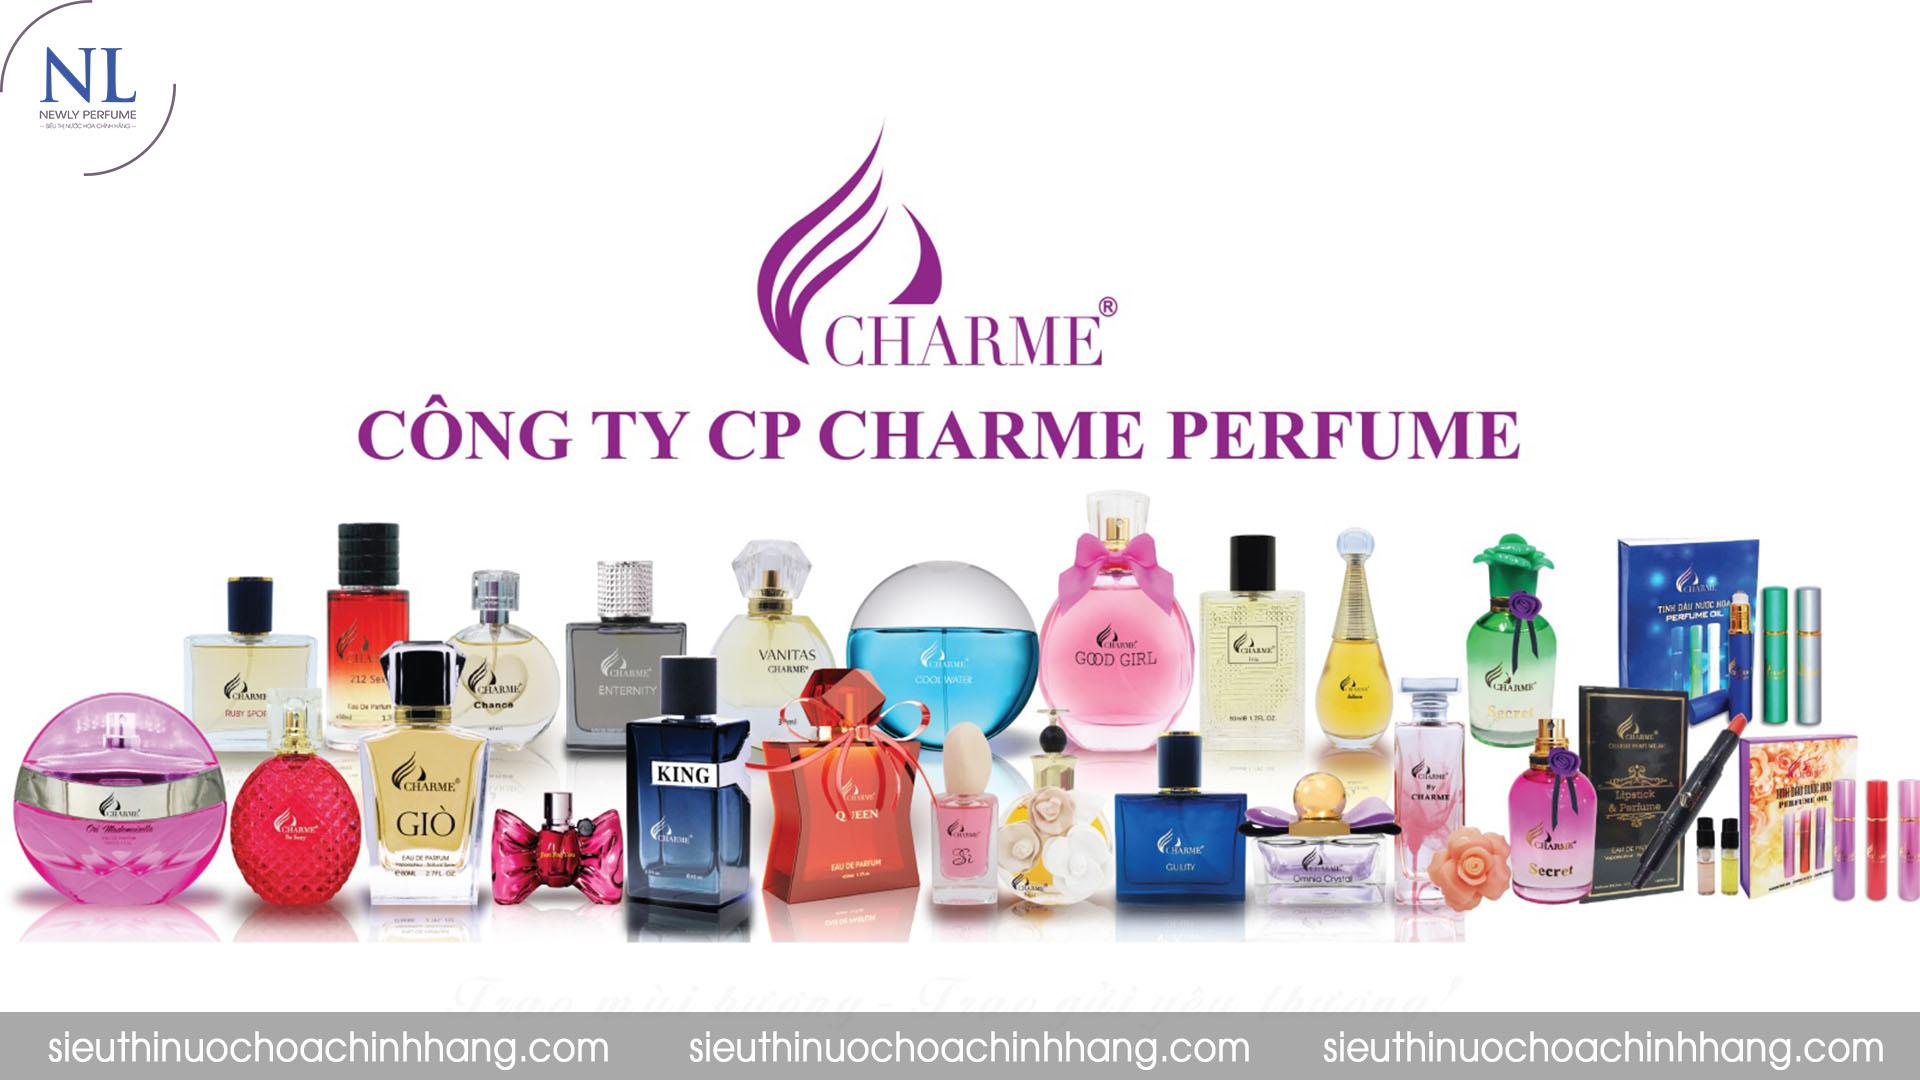 nước hoa charme mùi nào thơm nhất